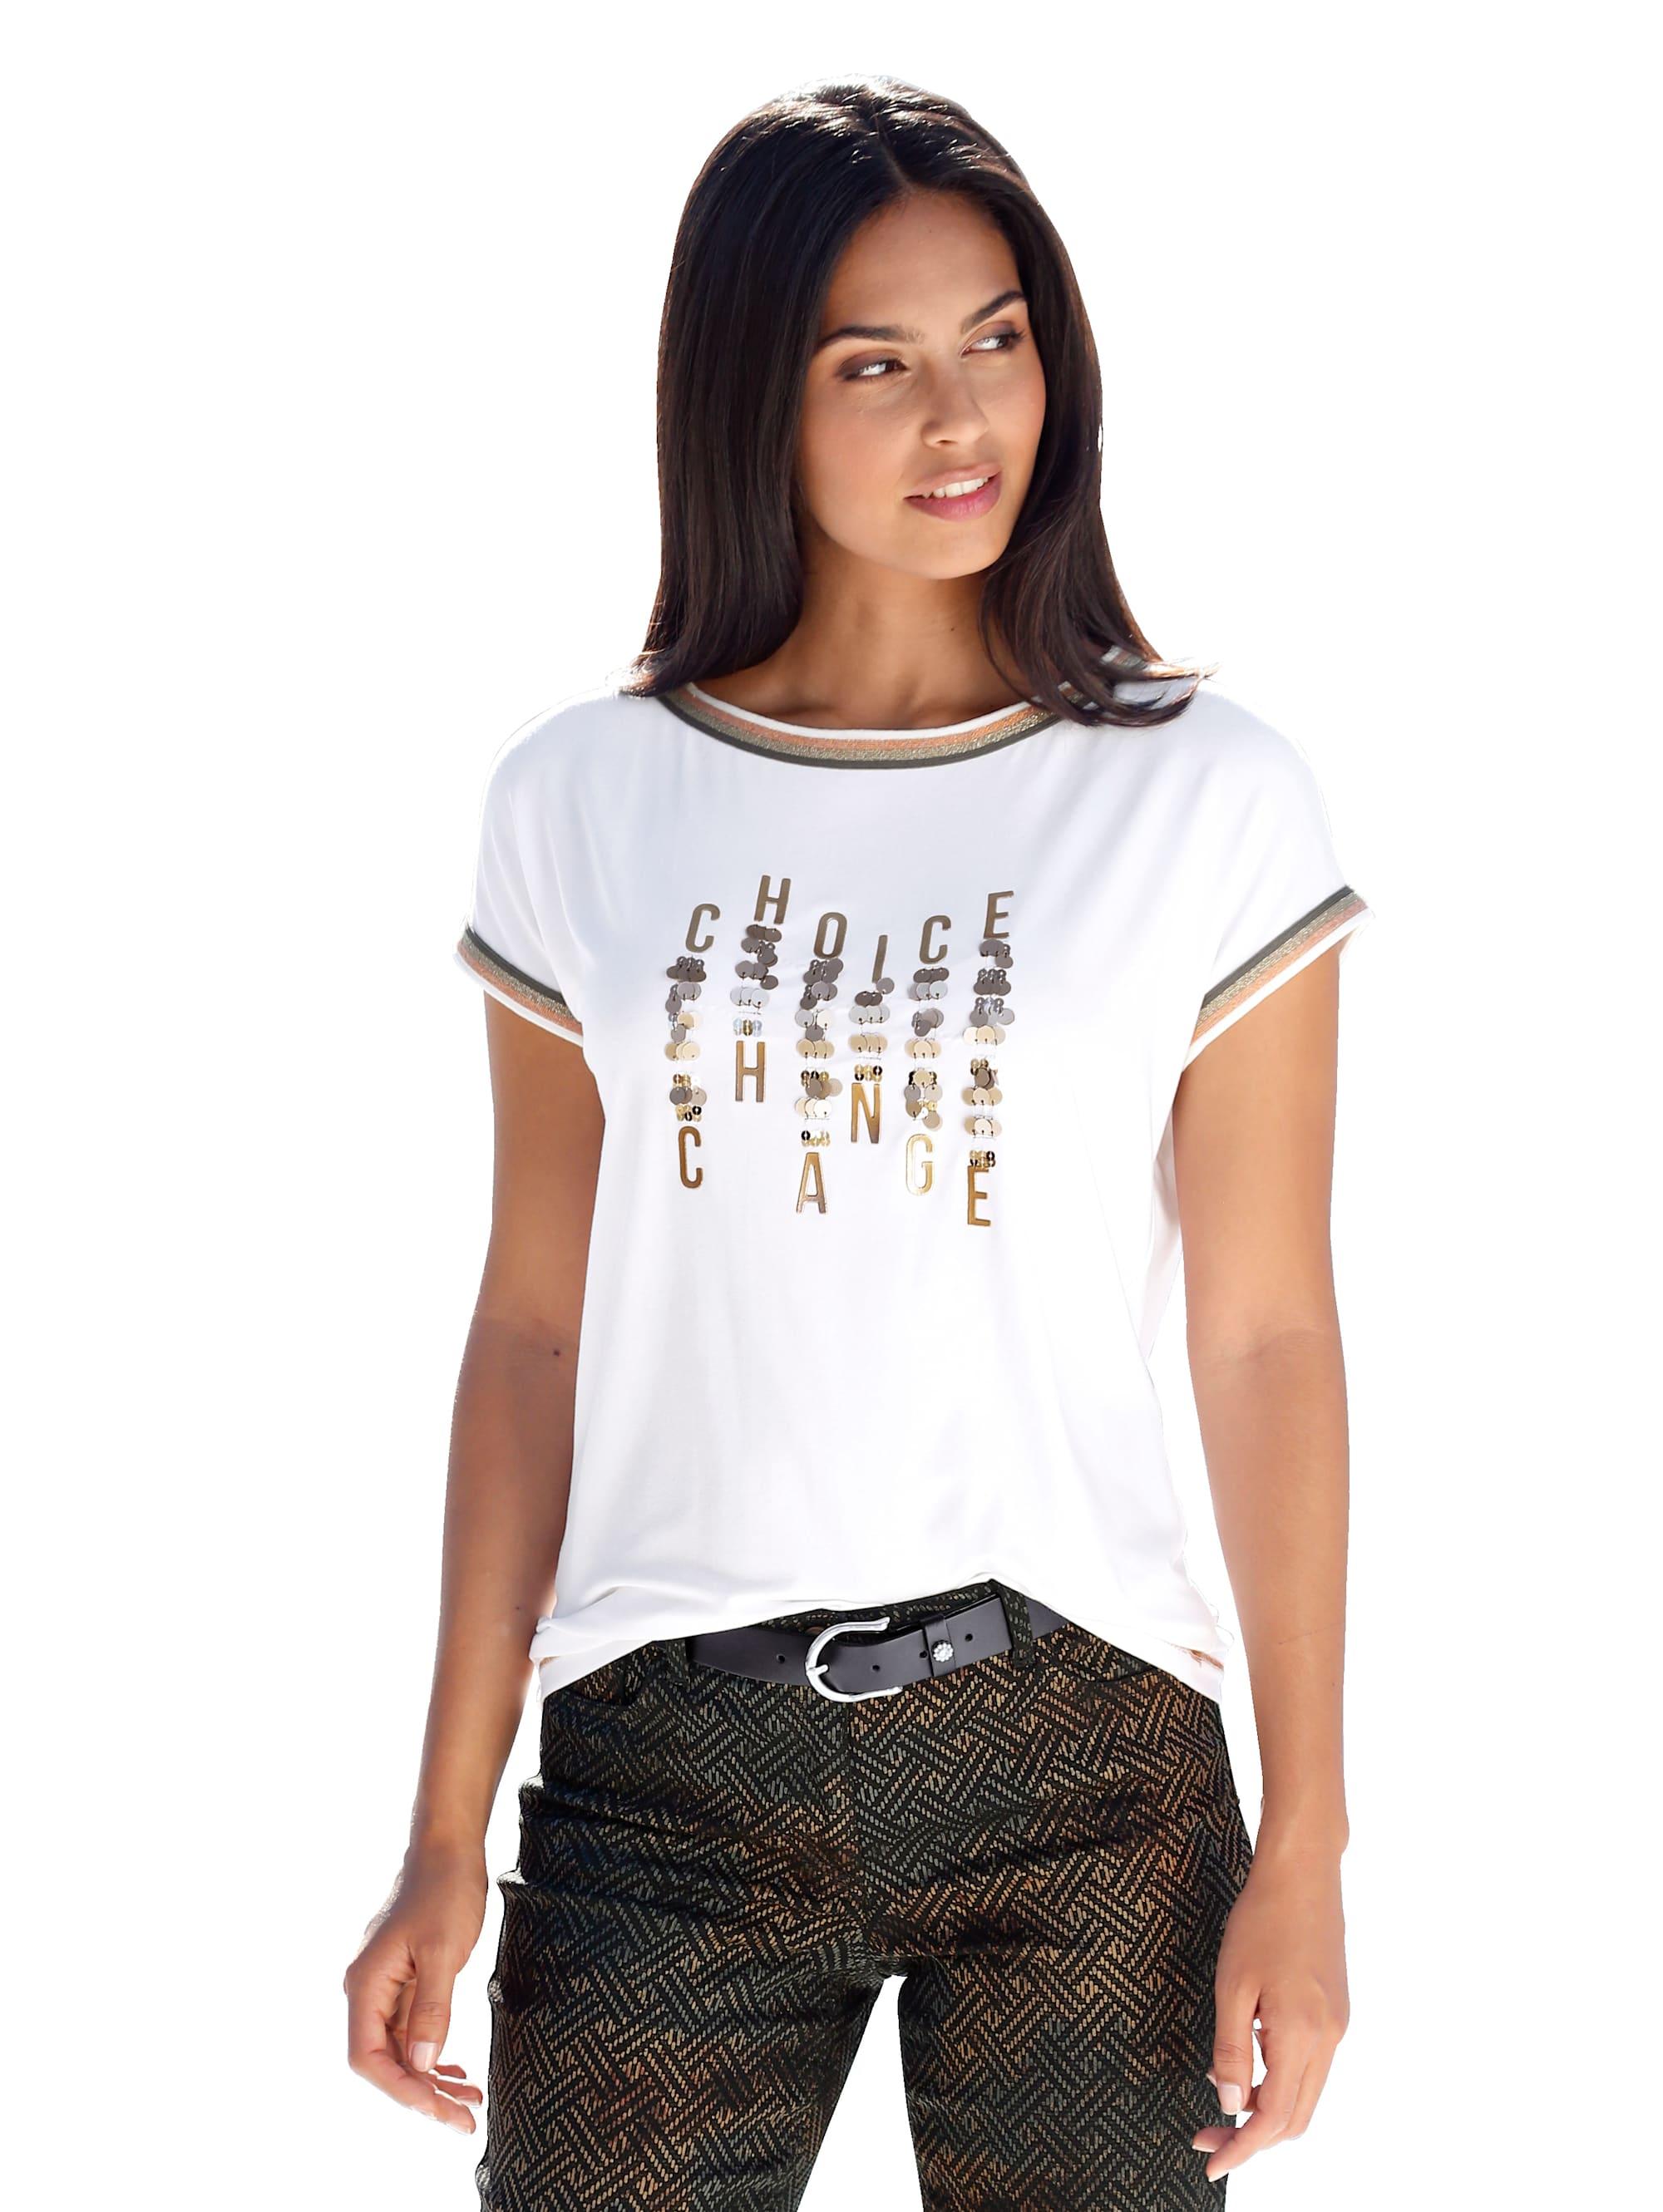 AMY VERMONT Shirt mit Biesen und platzierten Schriftzug OG7nT Dw7YQ